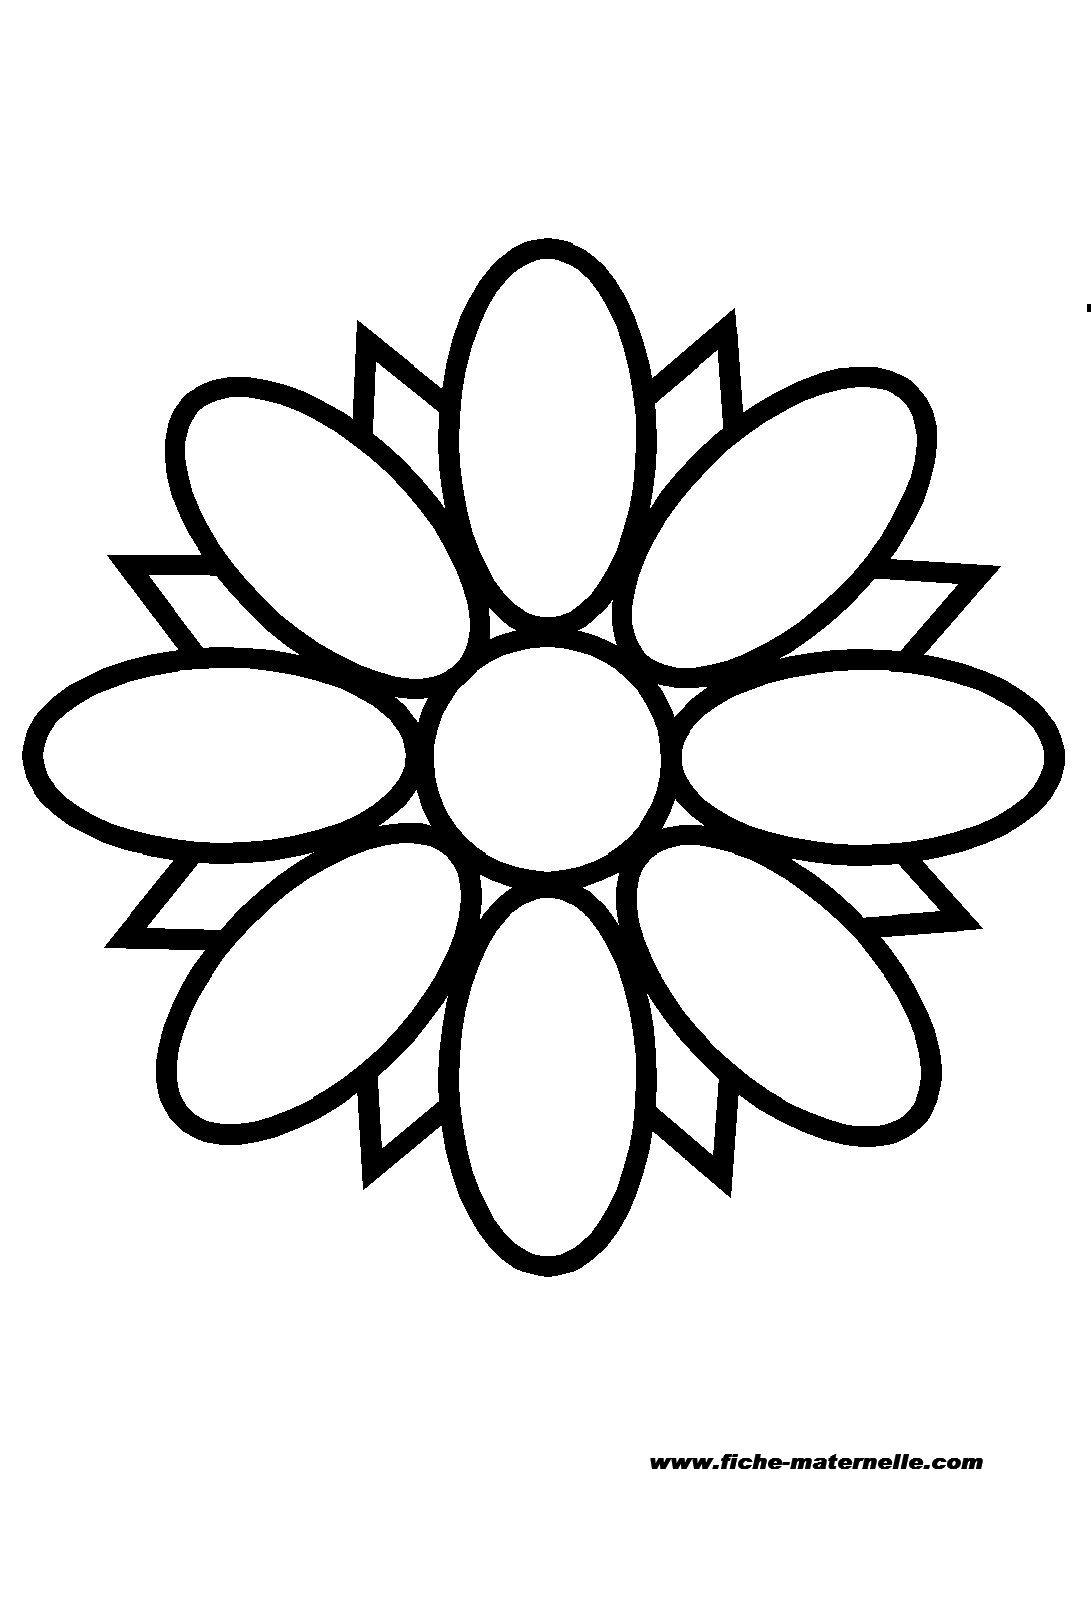 Pin atelier pour enfants de 5 a 10 ans on pinterest - Coloriage fleurs maternelle ...